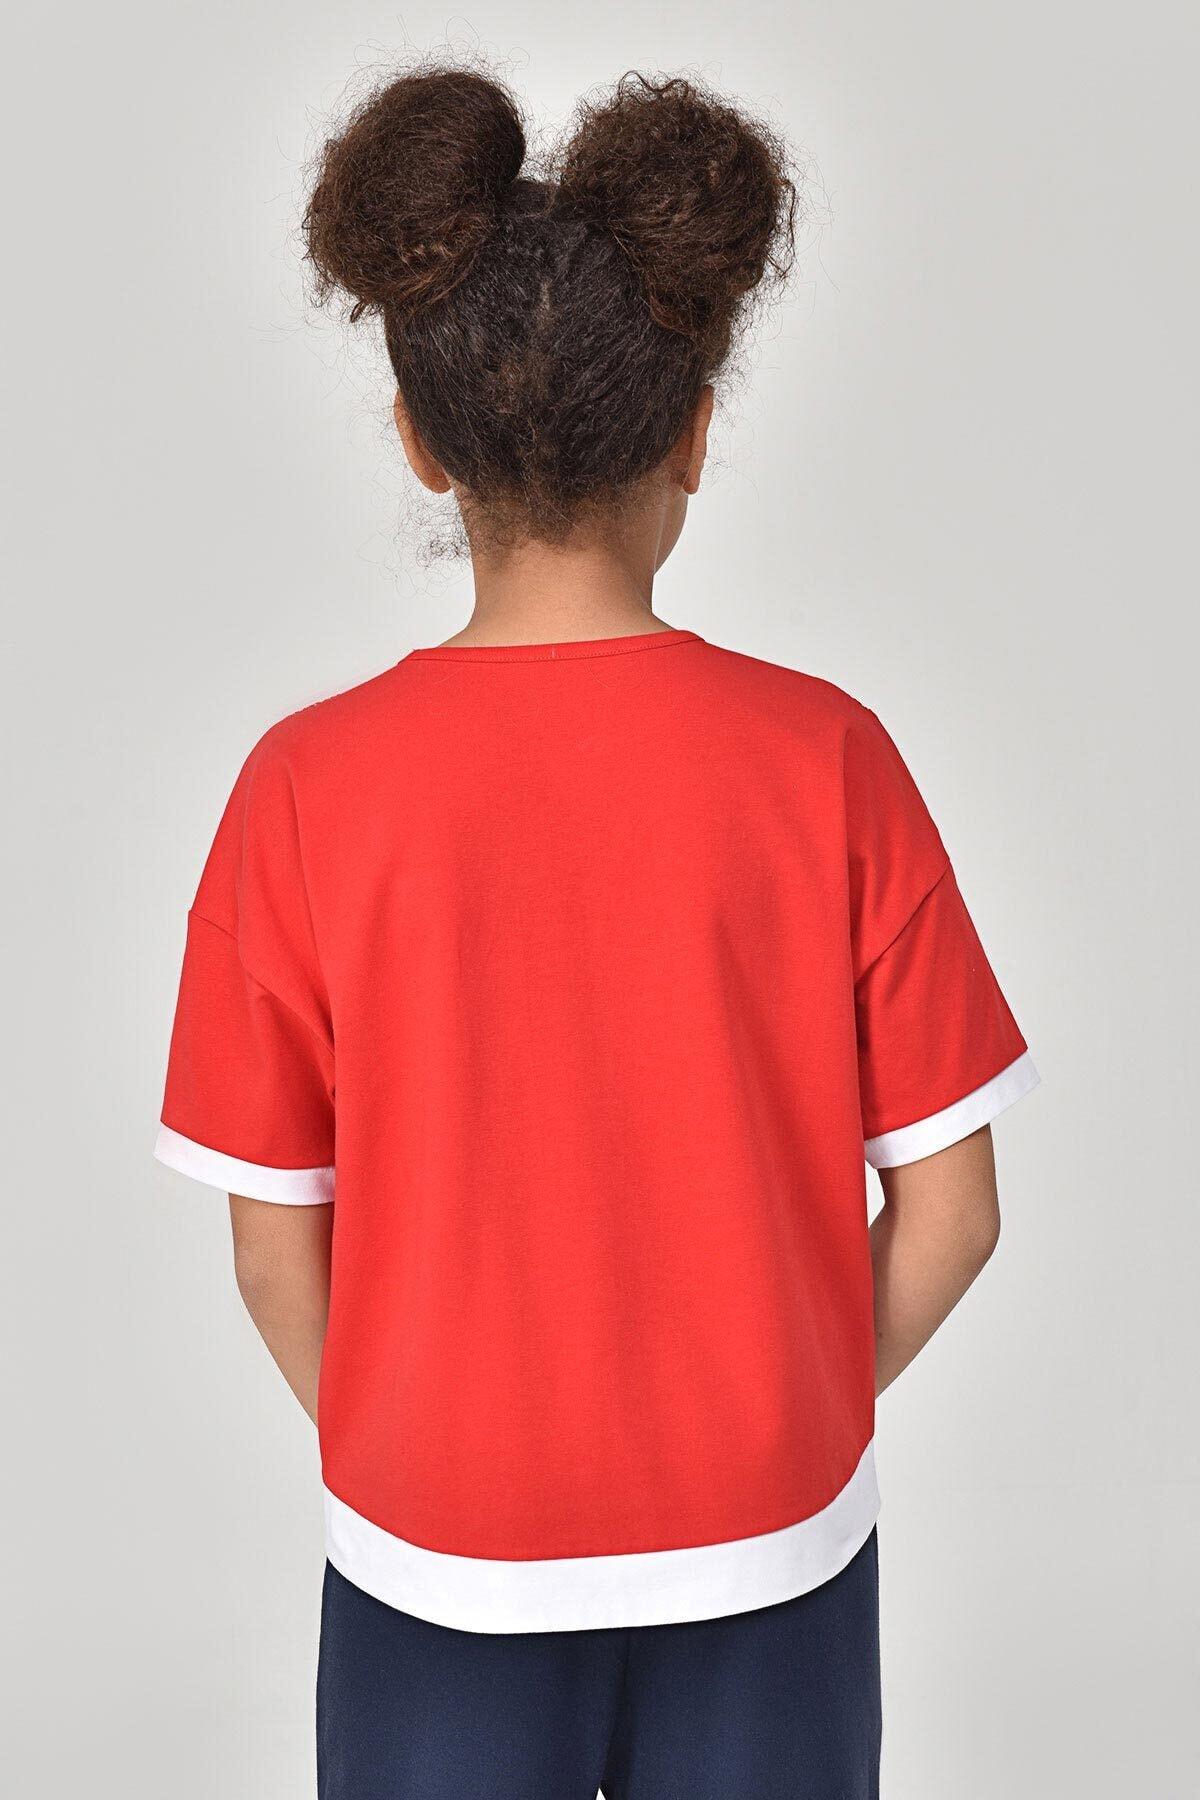 bilcee Kırmızı Kız Çocuk T-Shirt GS-8193 2